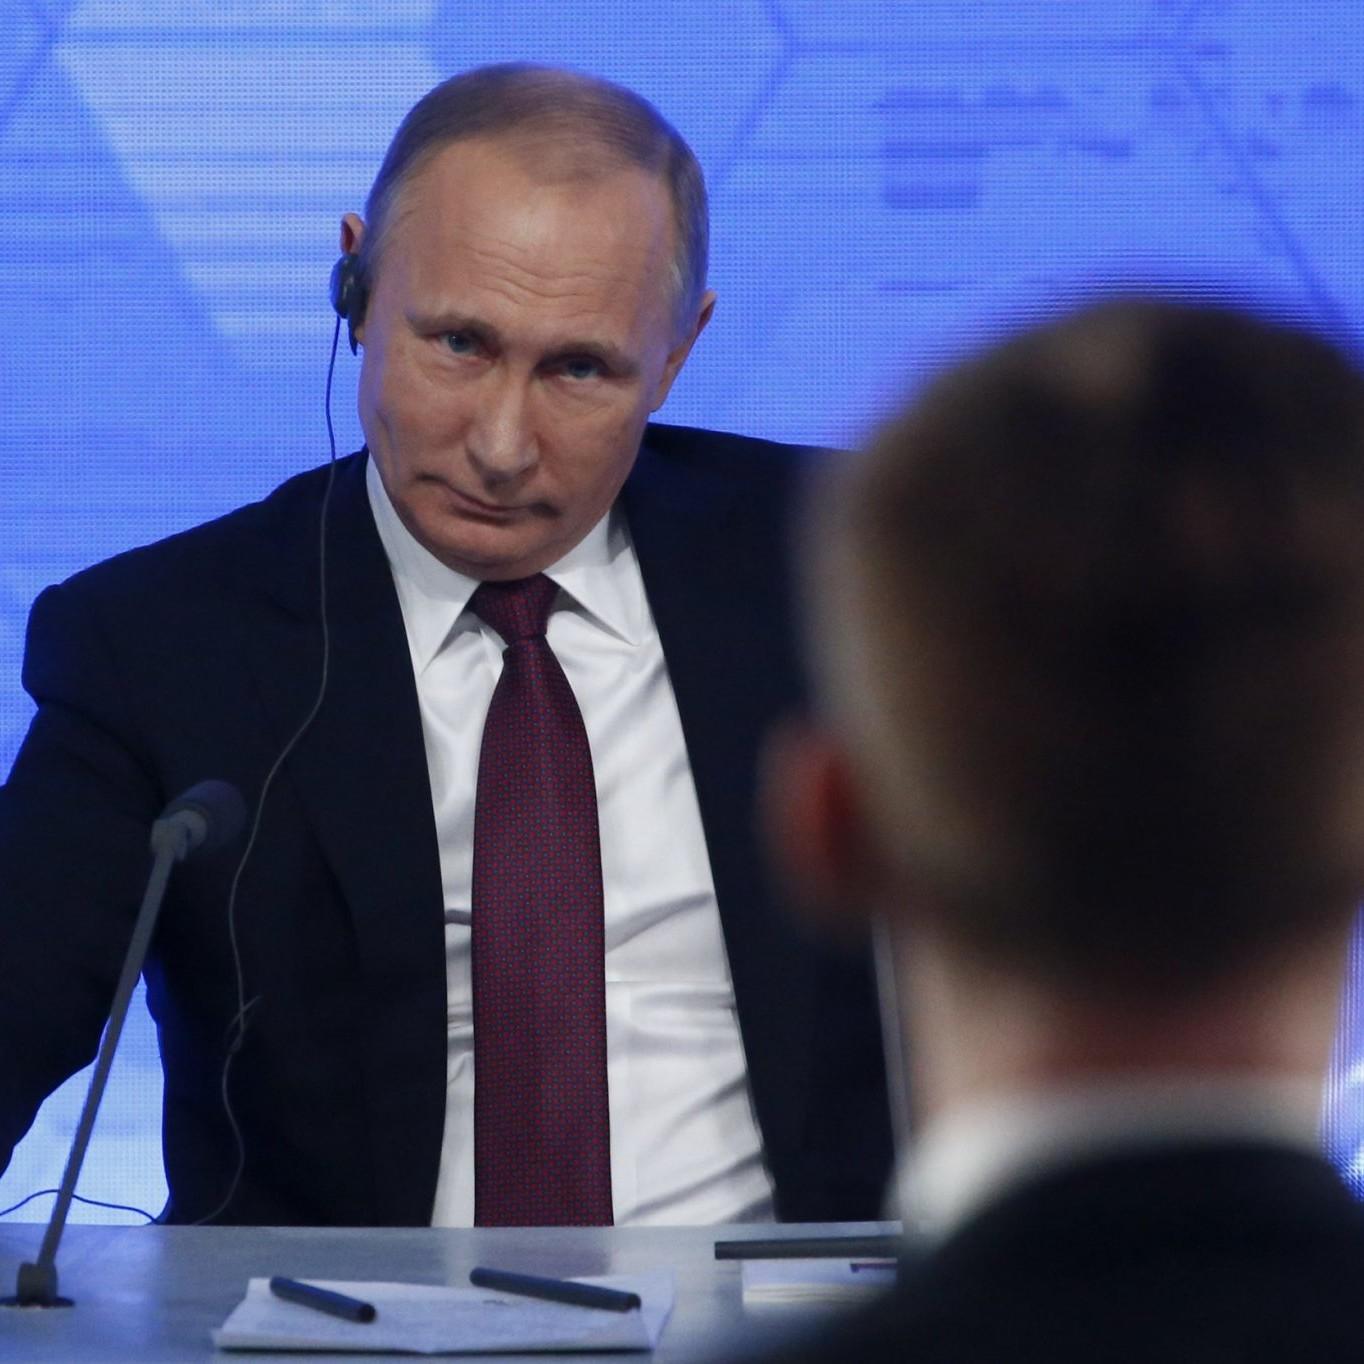 La conferenza stampa annuale di Putin